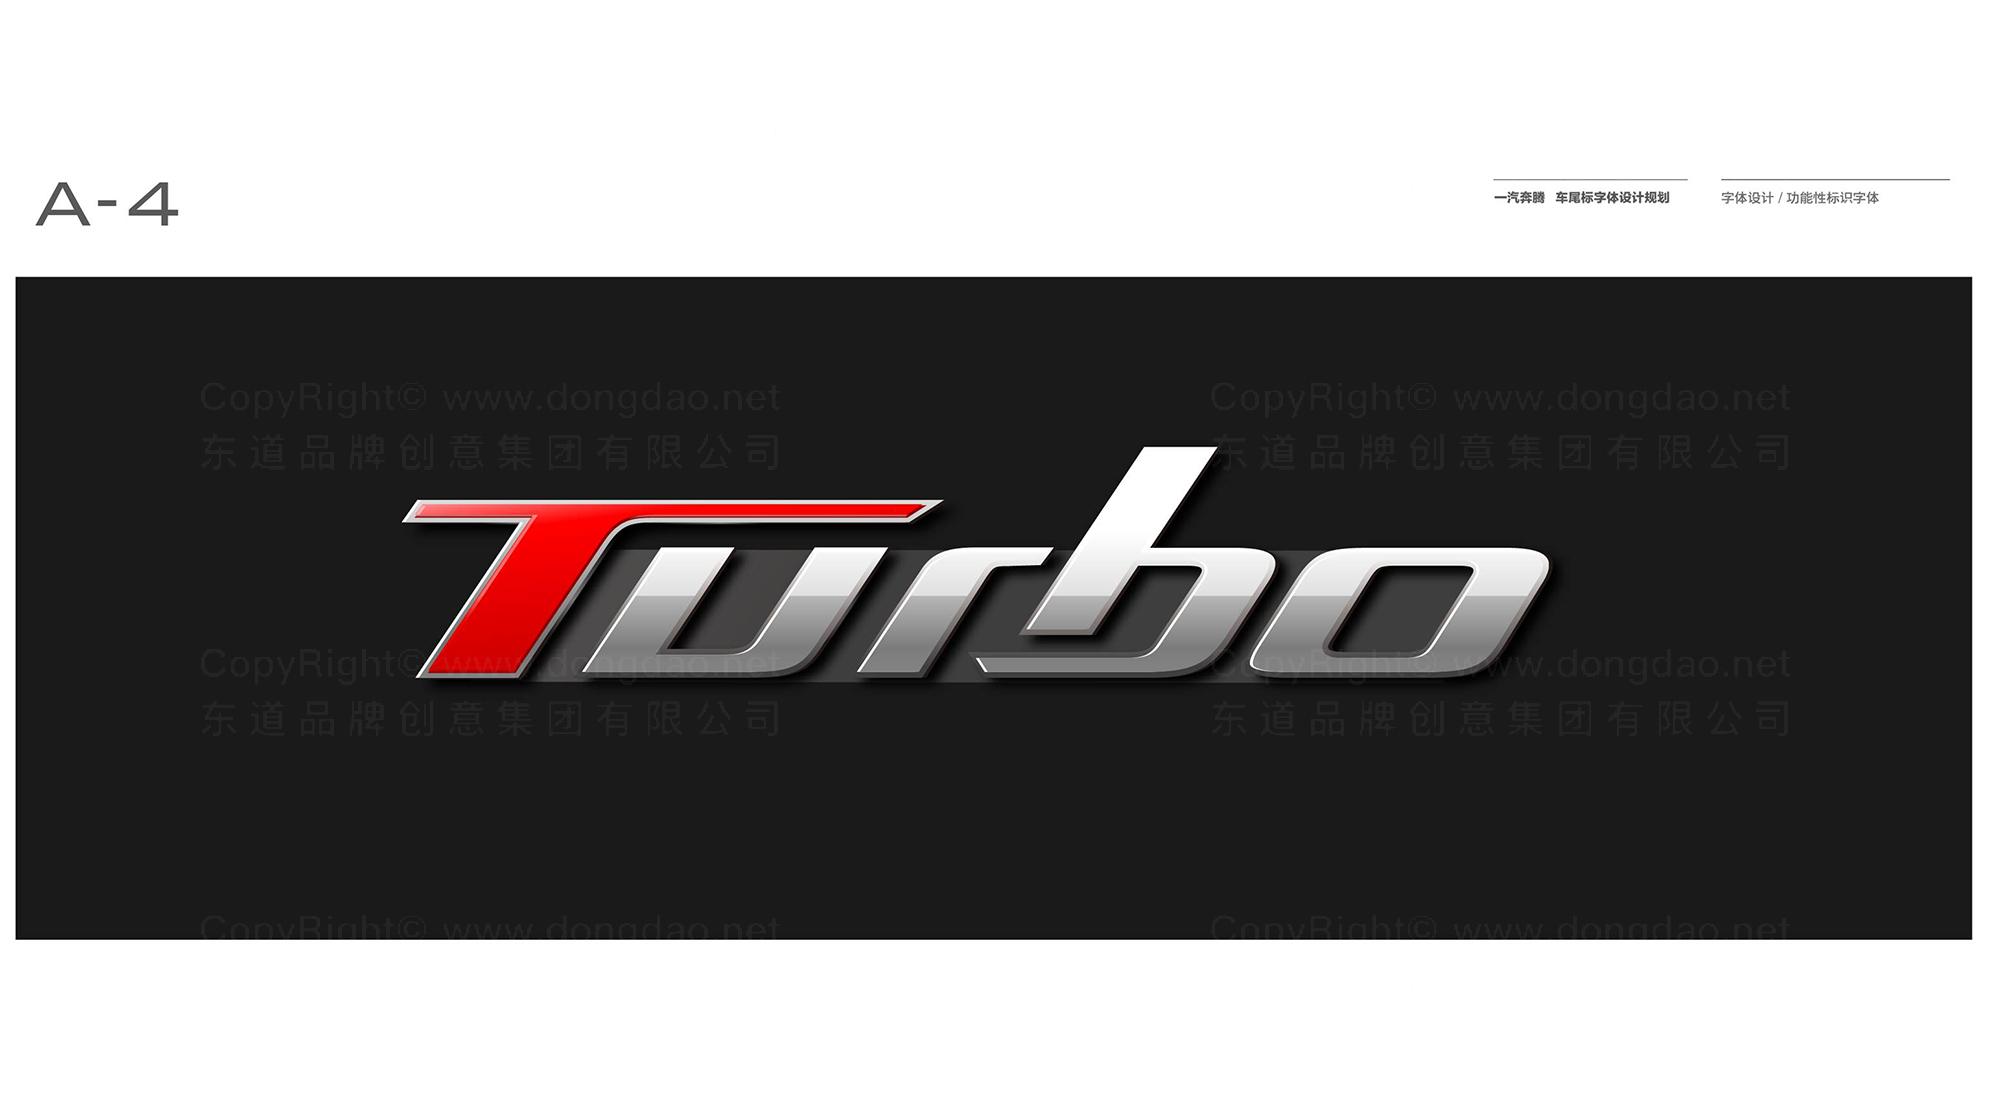 汽车logo设计应用场景_15